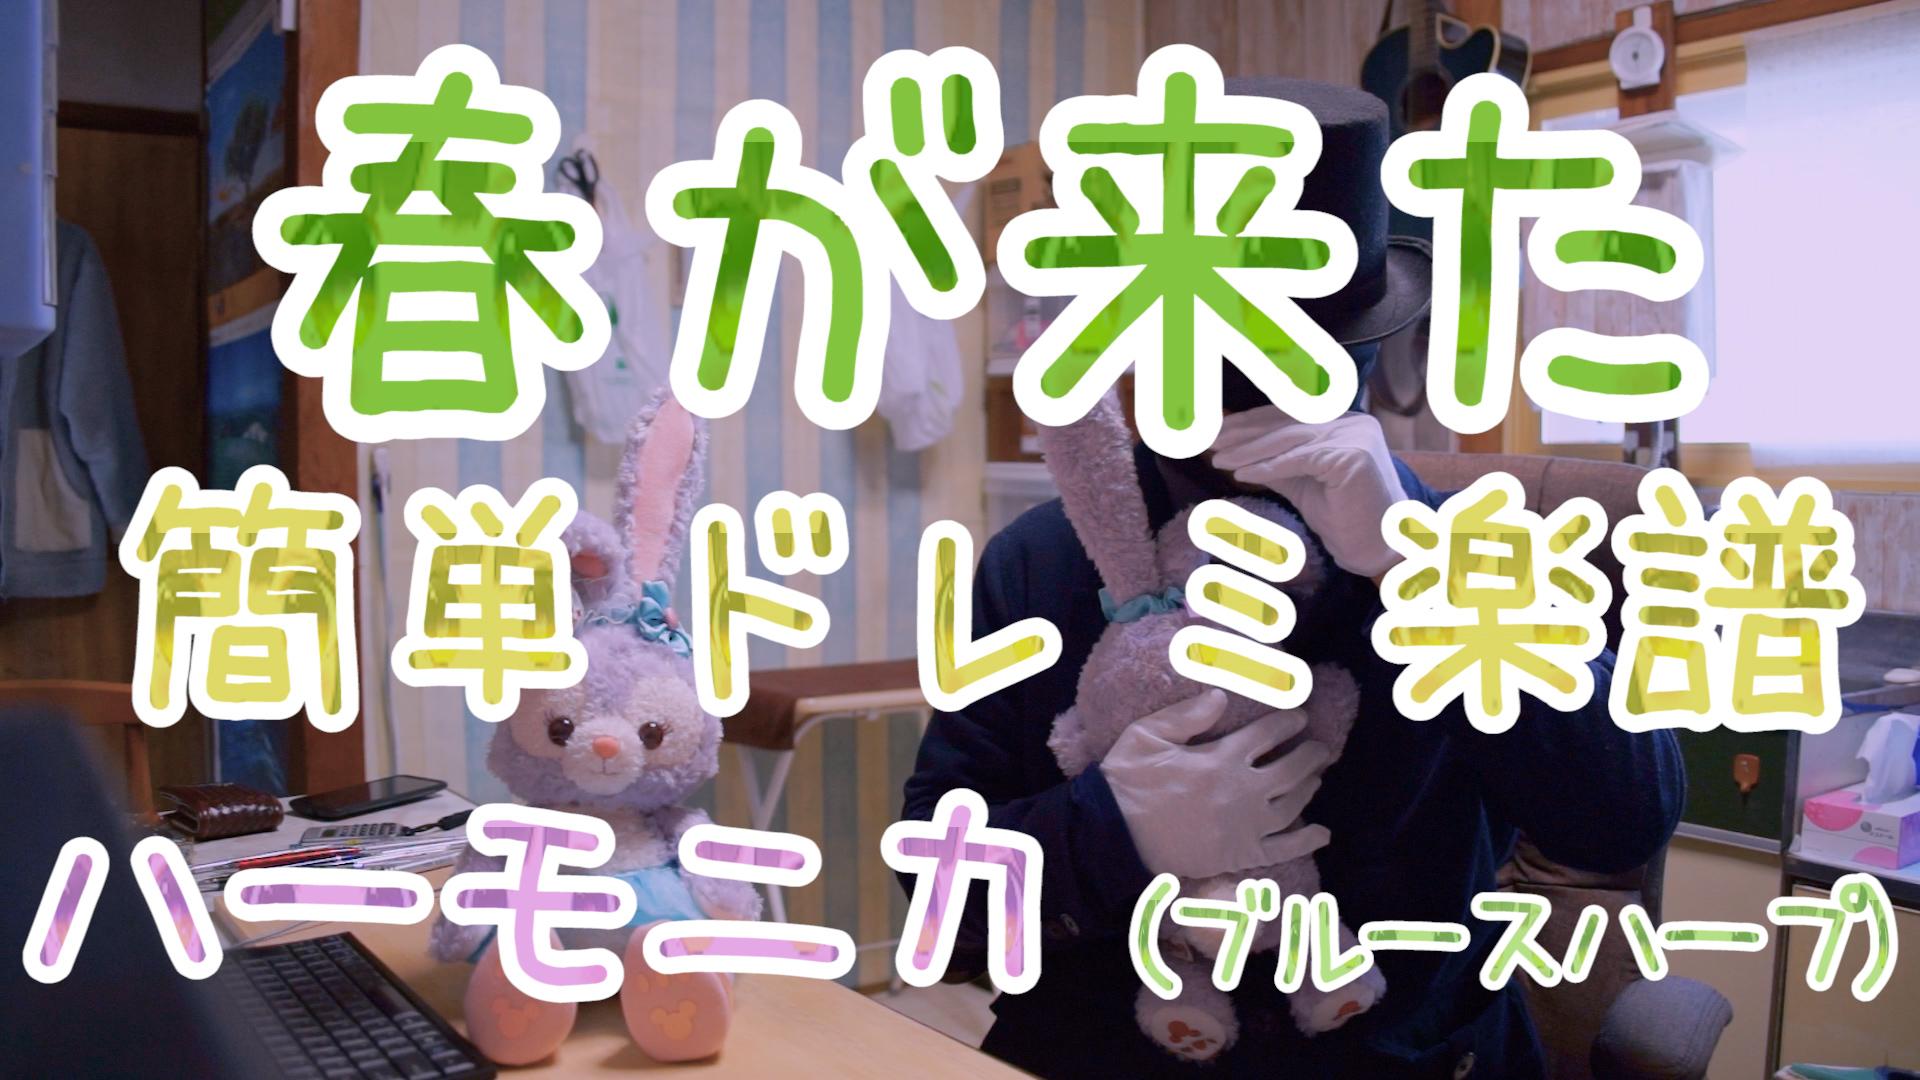 ハーモニカ 練習用 動画UPしました「春が来た」(童謡)。